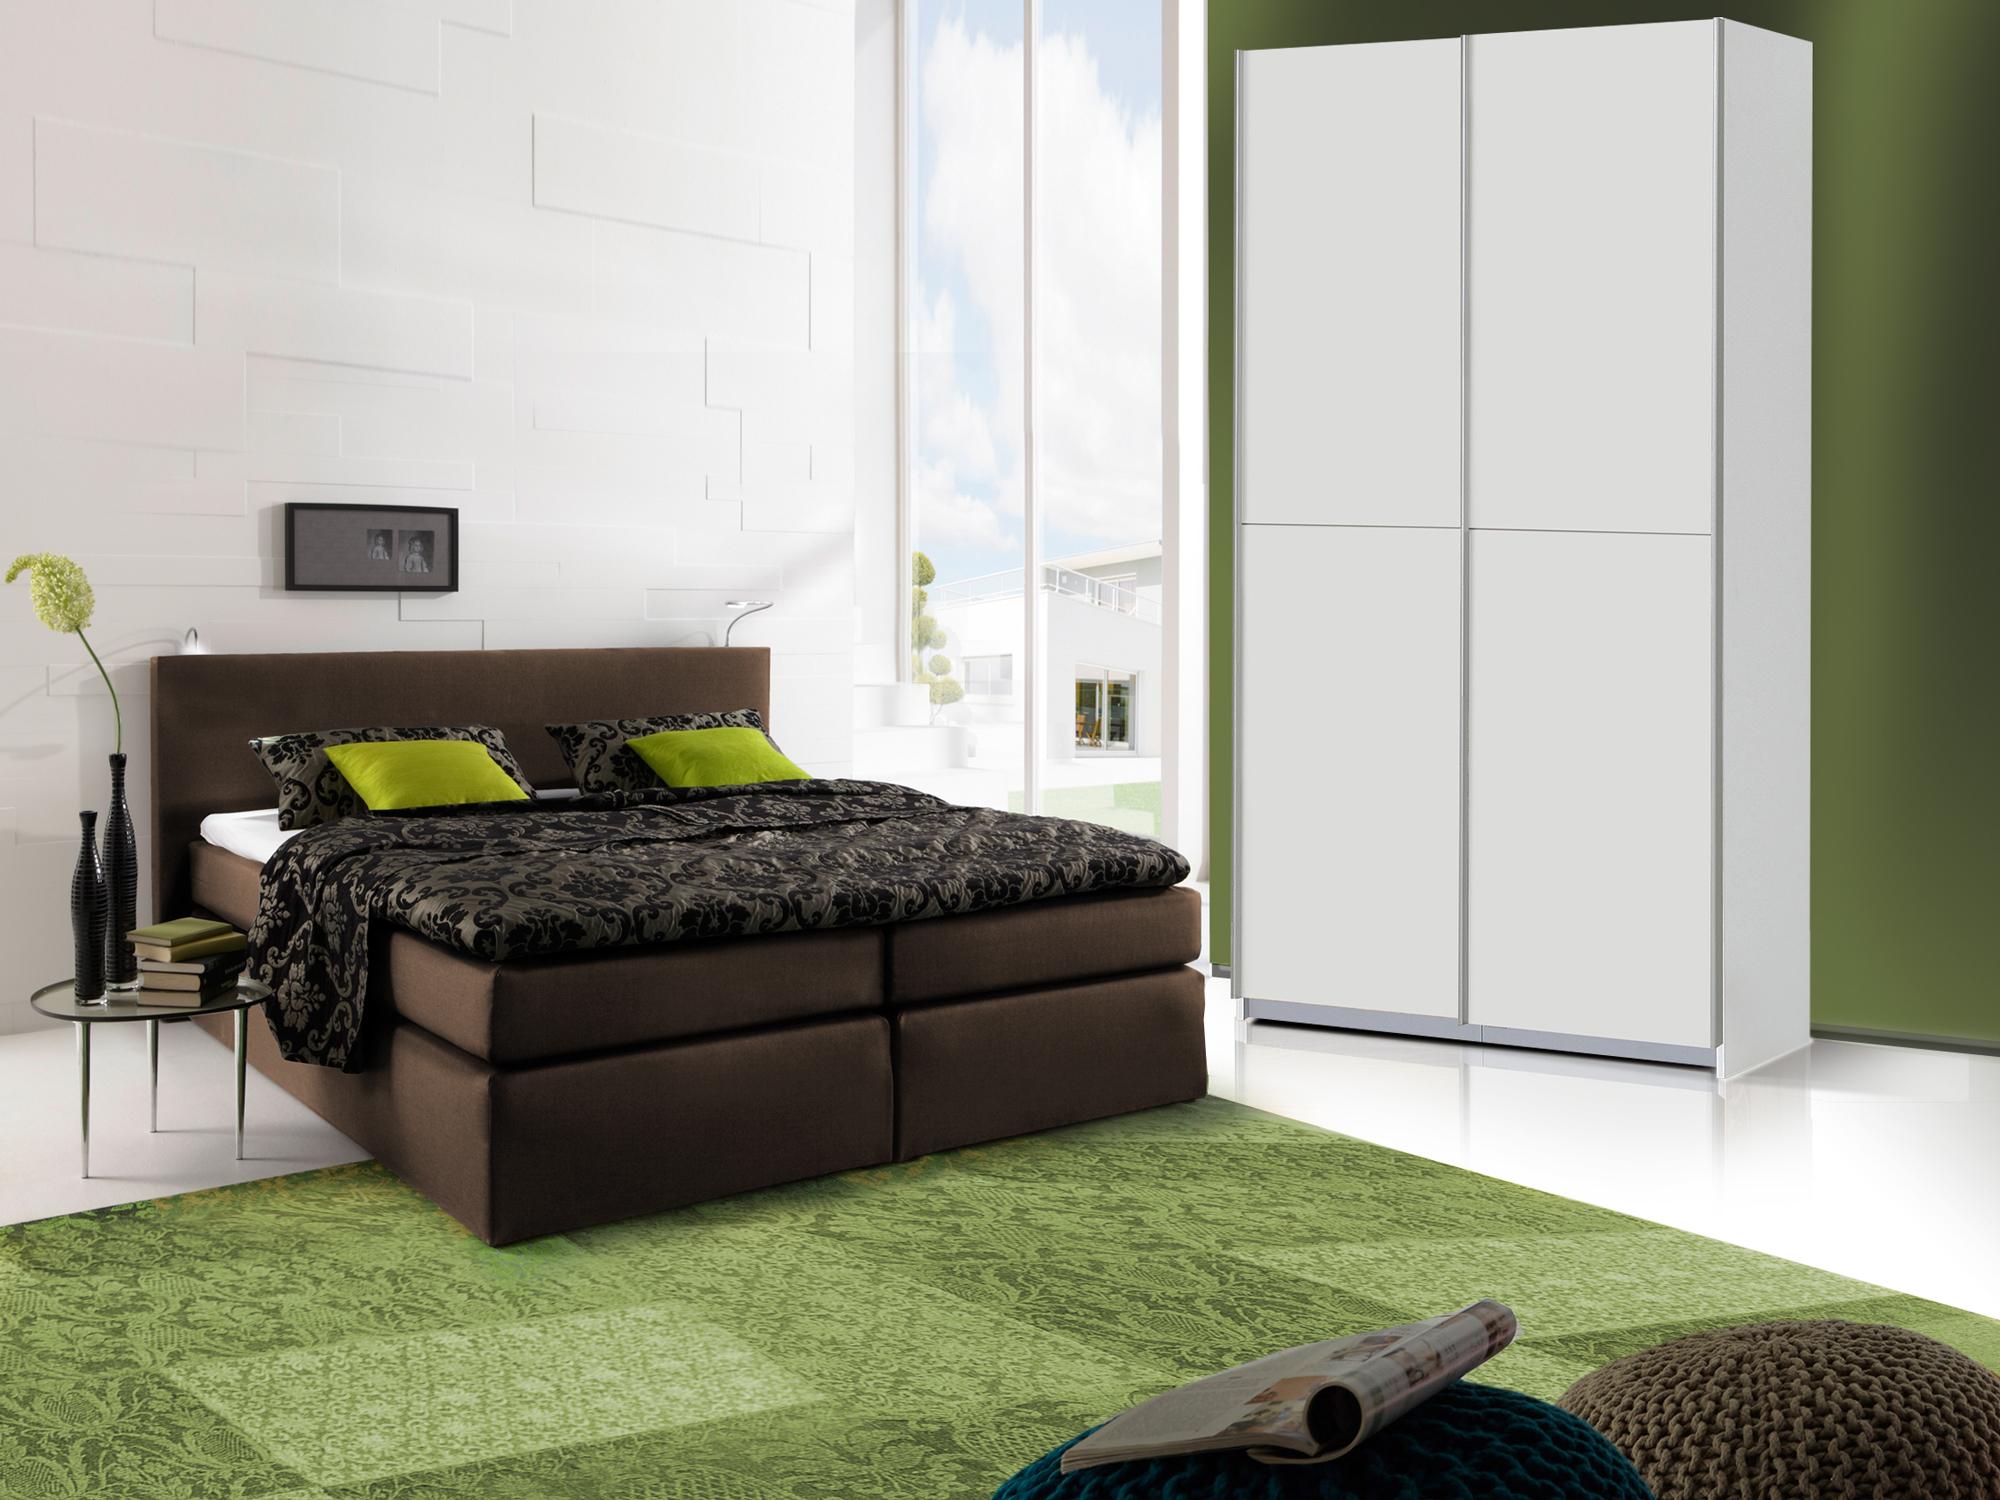 ORENO Schlafzimmerset - Schrank und Boxspringbett braun | 140x200 cm ...